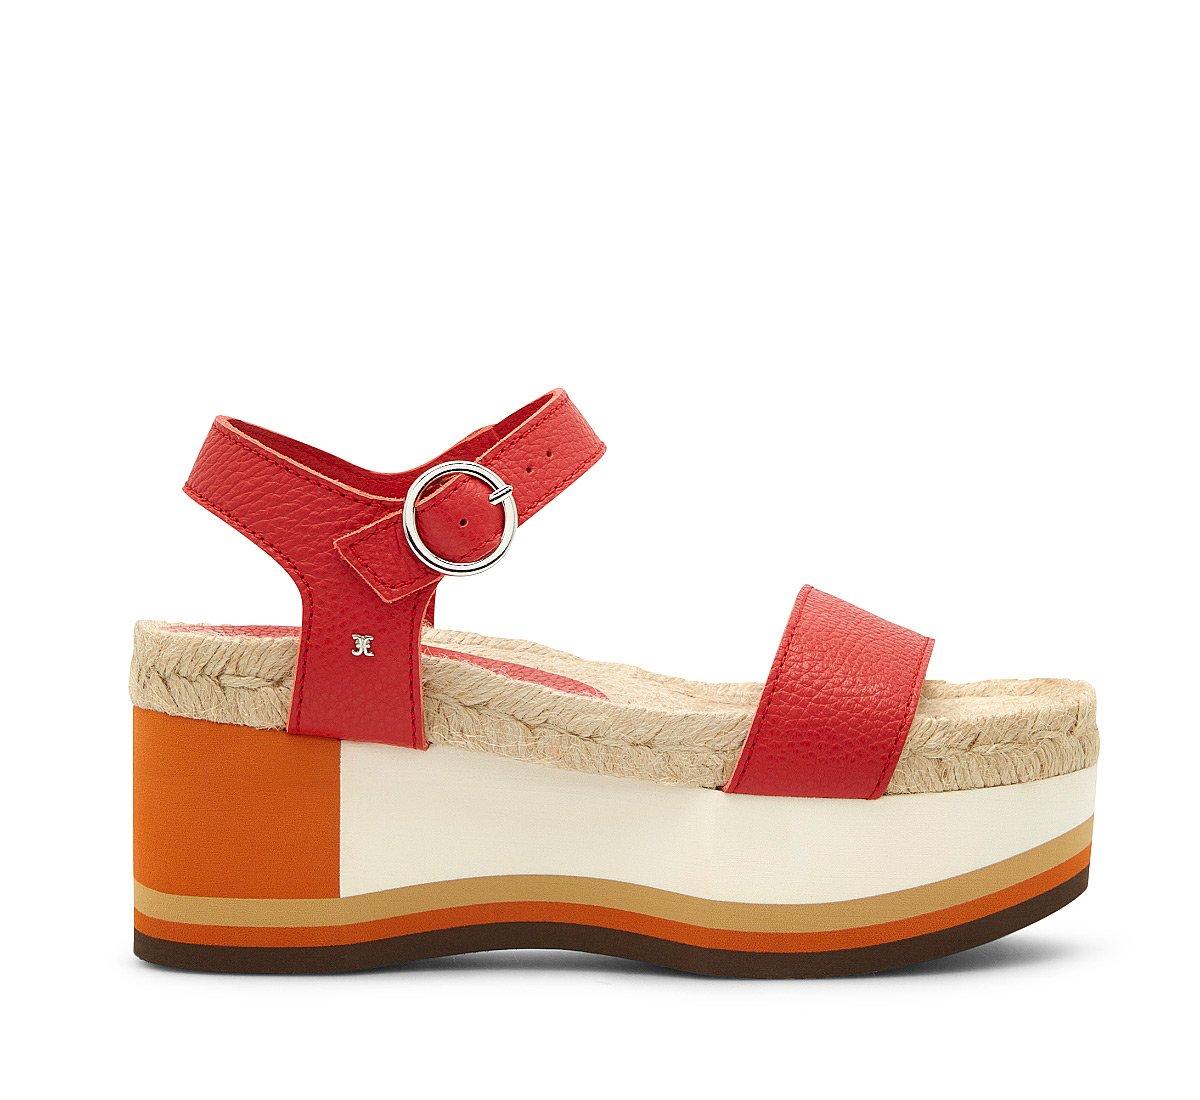 Sandalo Fabi platform